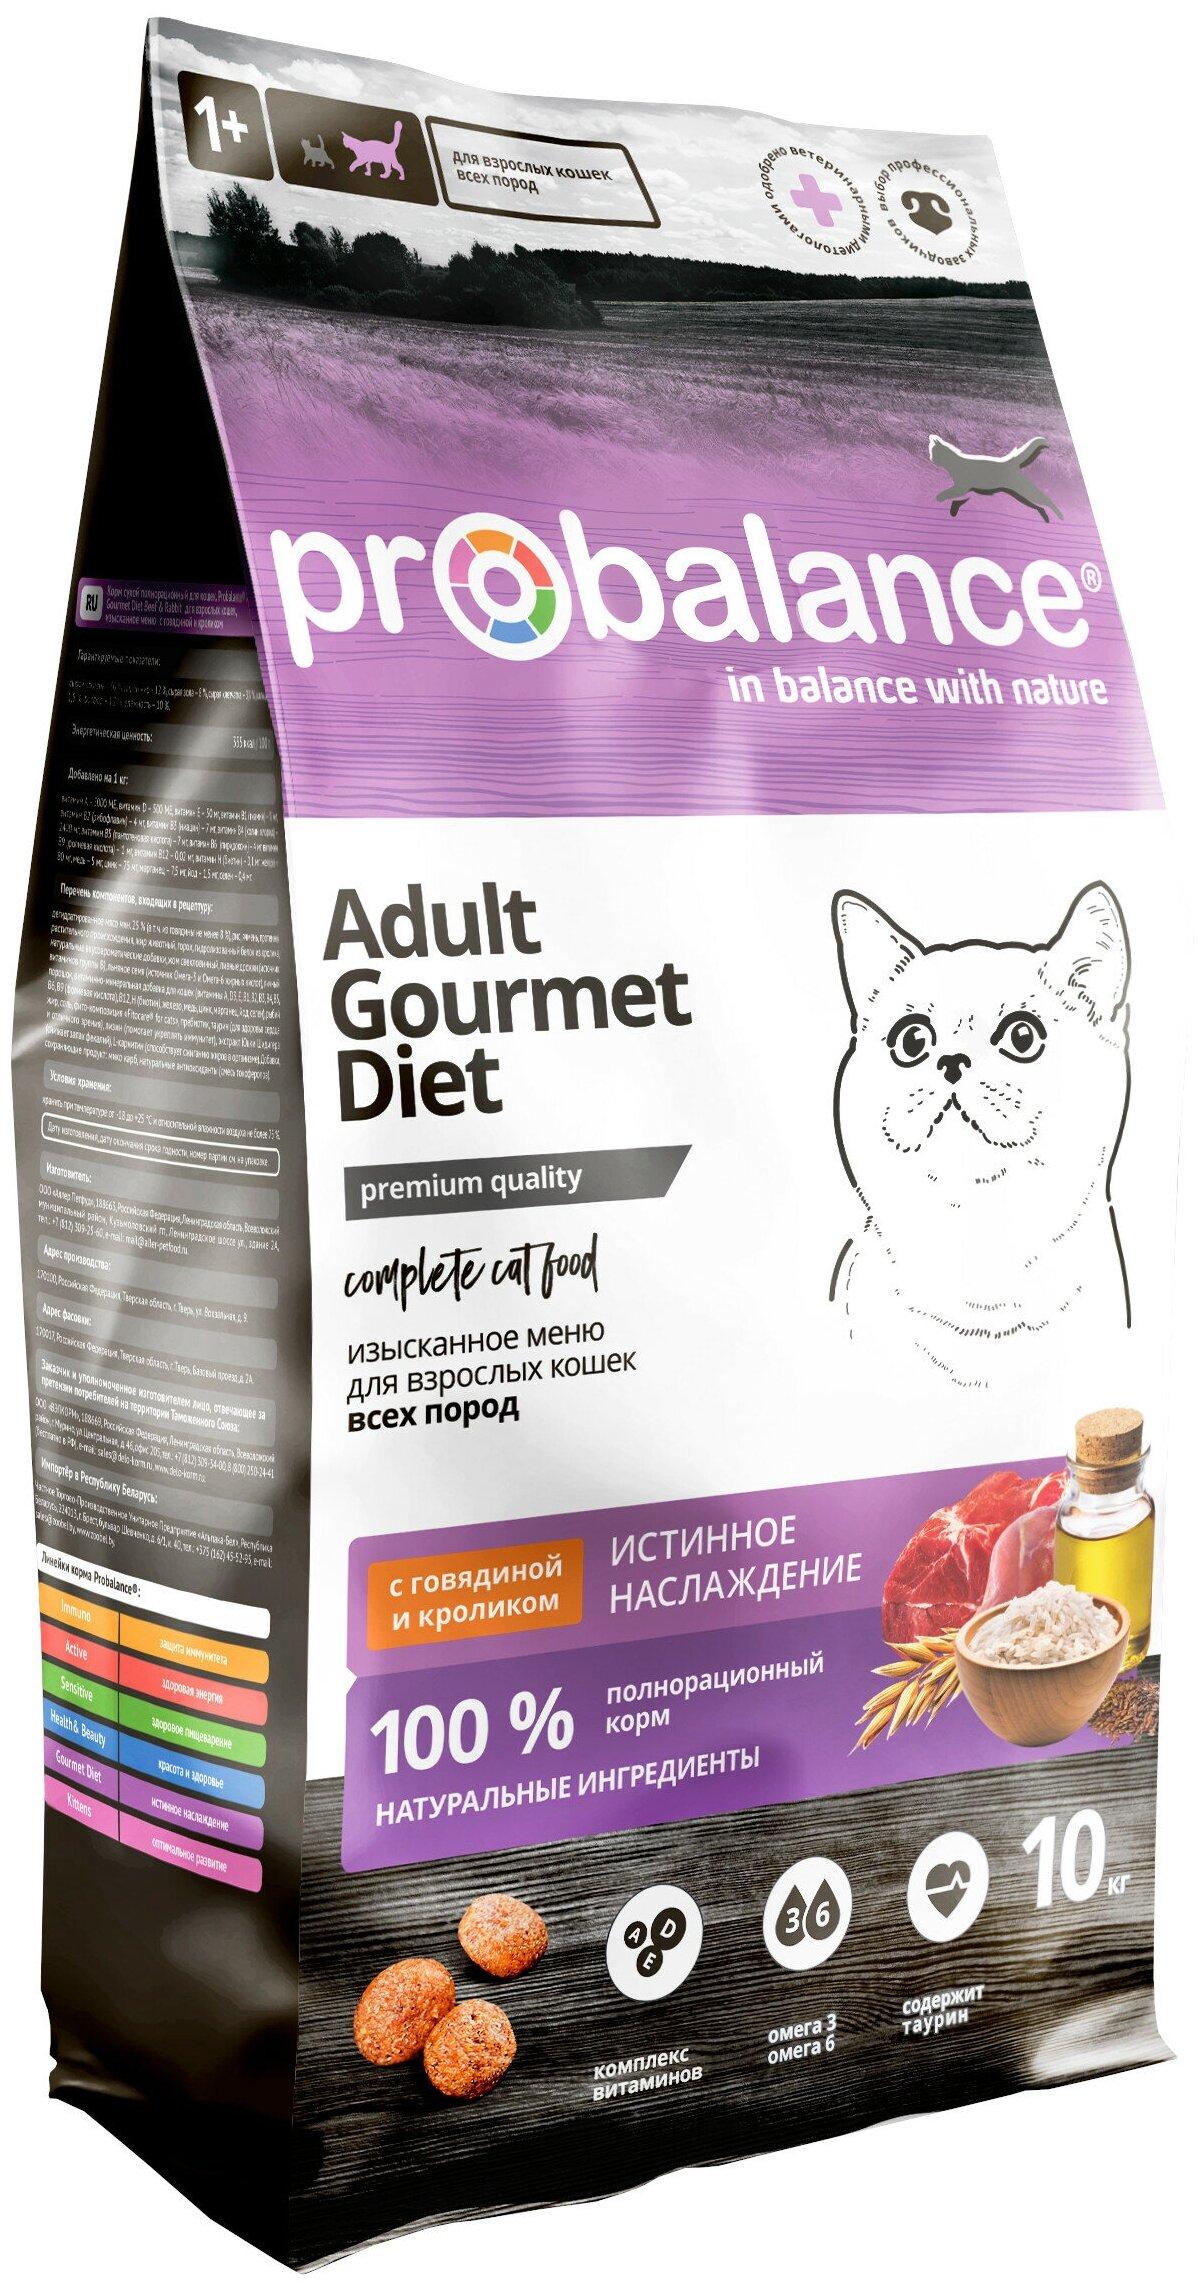 """Сухой корм для кошек ProBalance """"Gourmet Diet"""" с говядиной и кроликом 10 кг"""